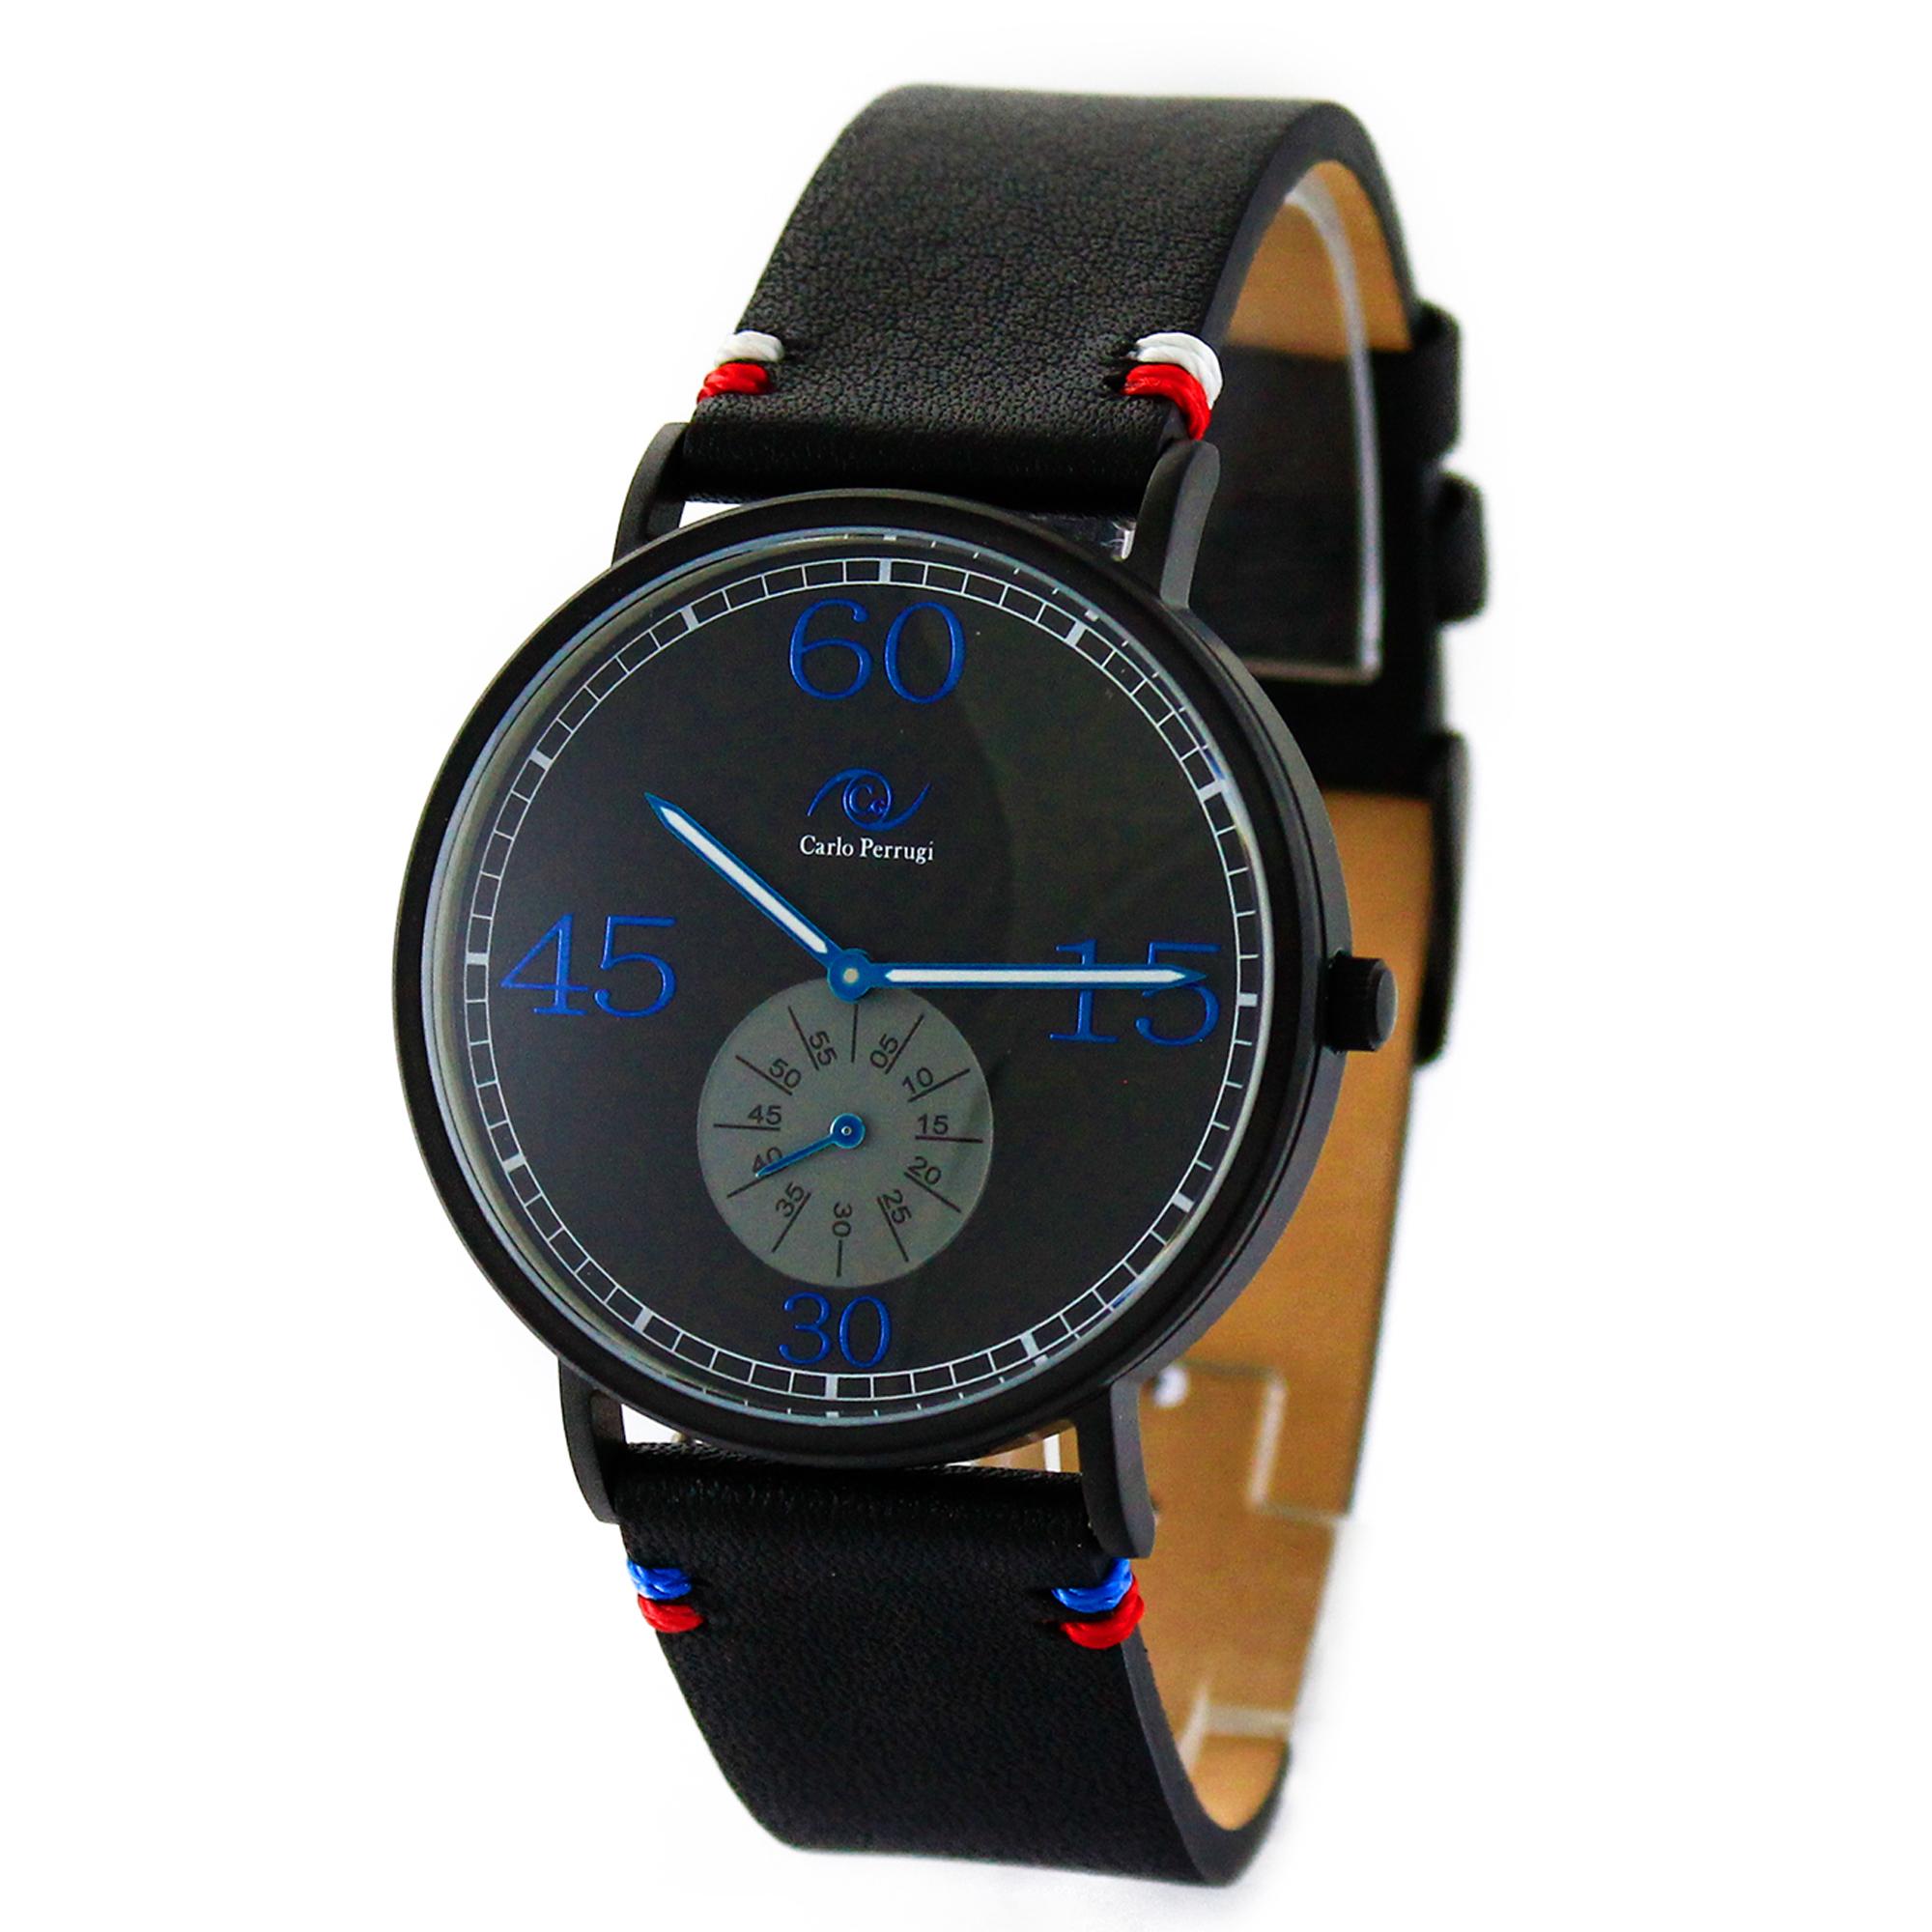 ساعت مچی عقربه ای مردانه کارلو پروجی مدل CG3109